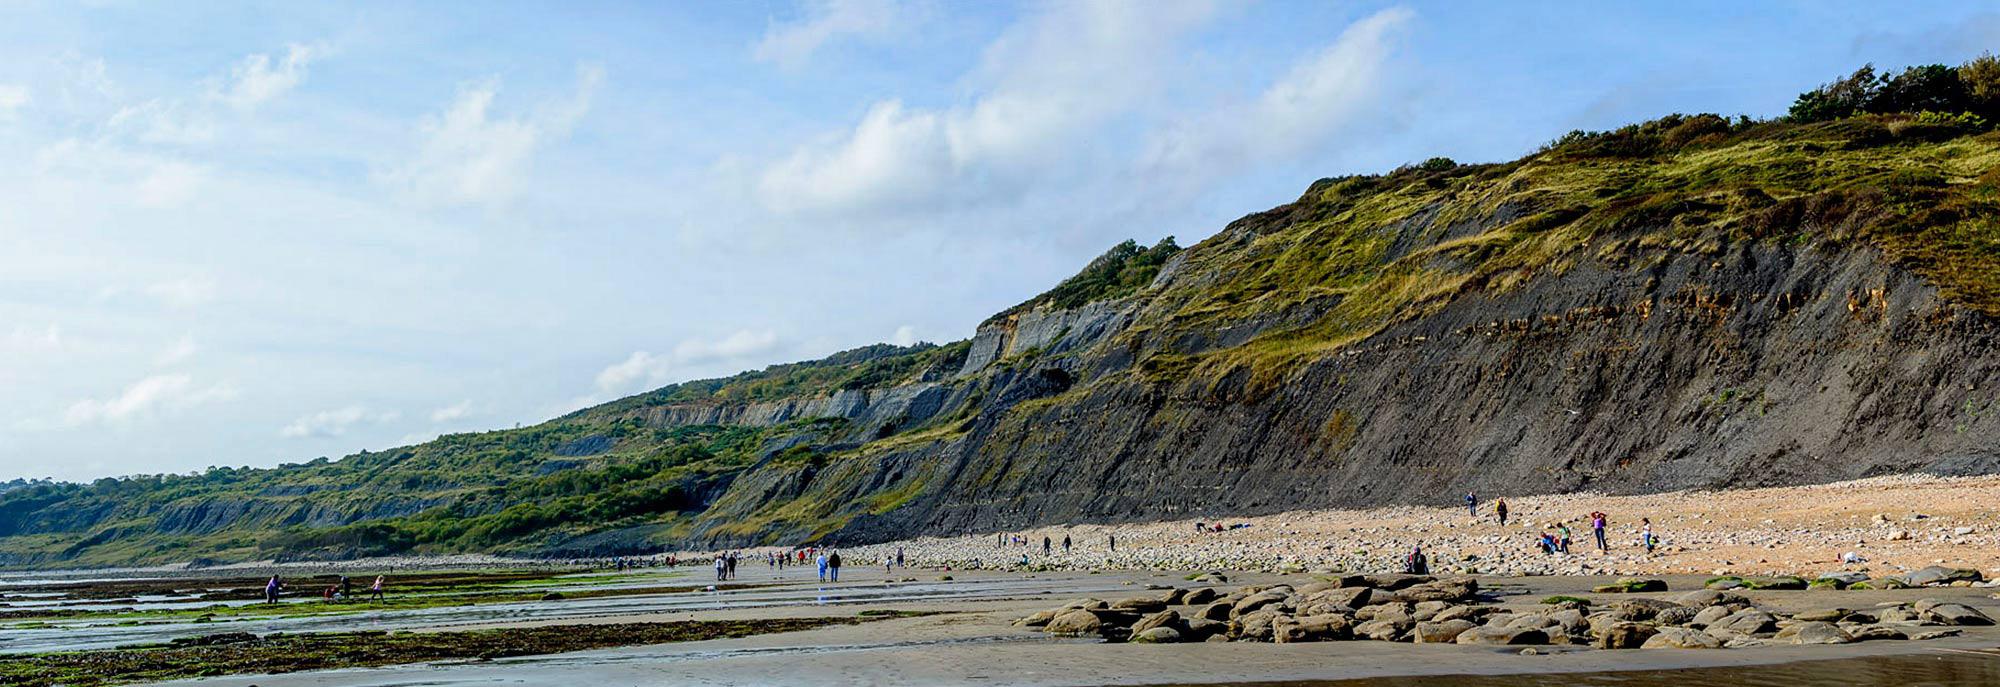 Charmouth beach and cliffs